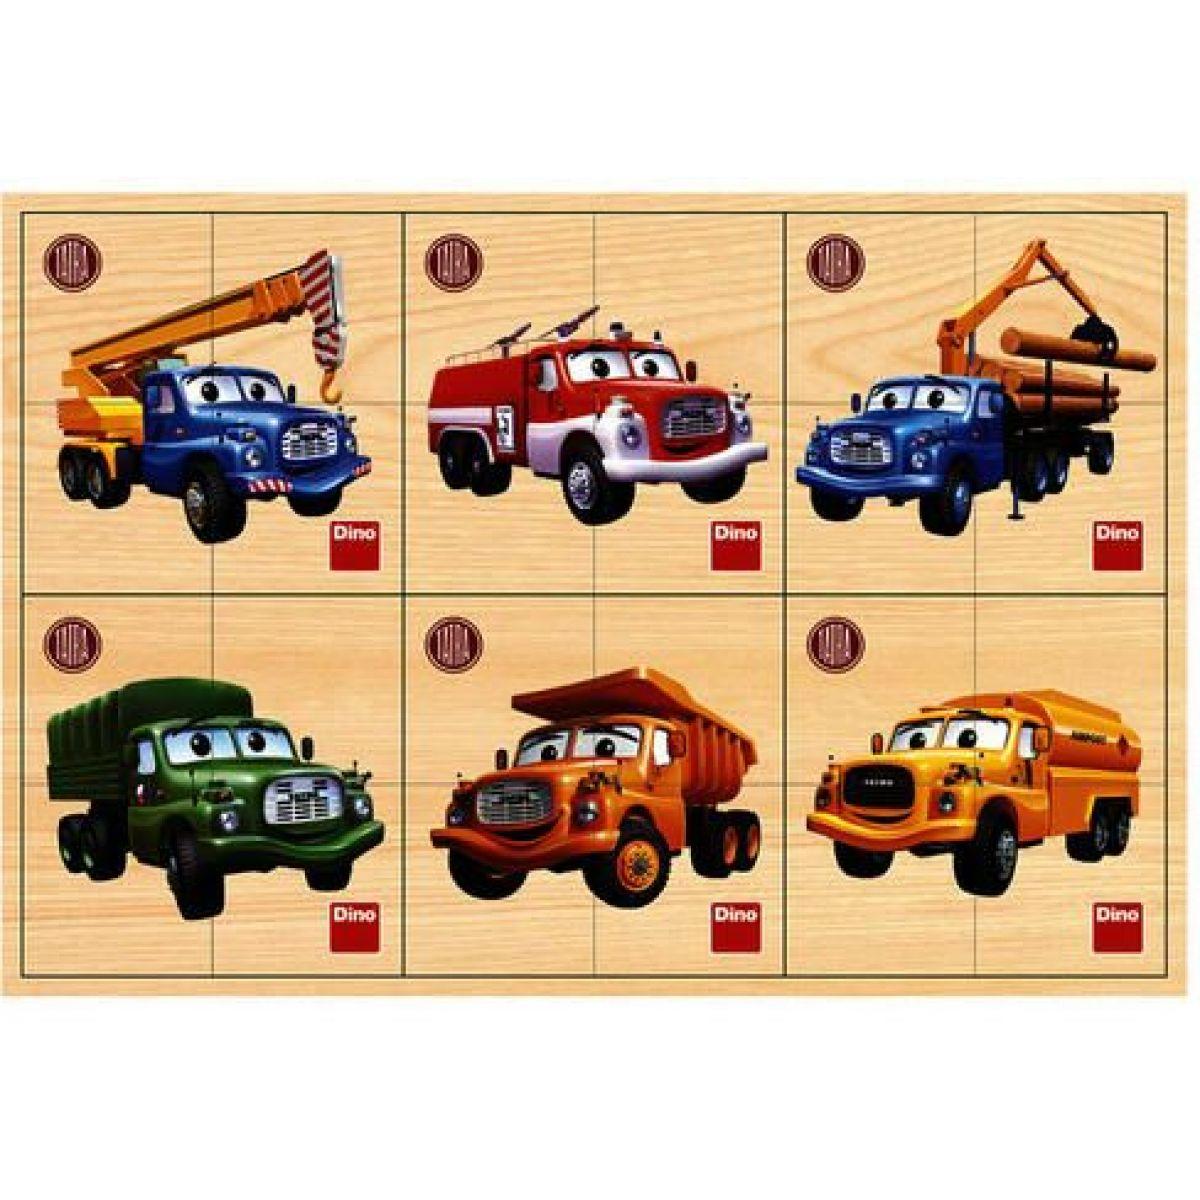 Dino tatra prvé drevené puzzle 6 x 4 dieliky